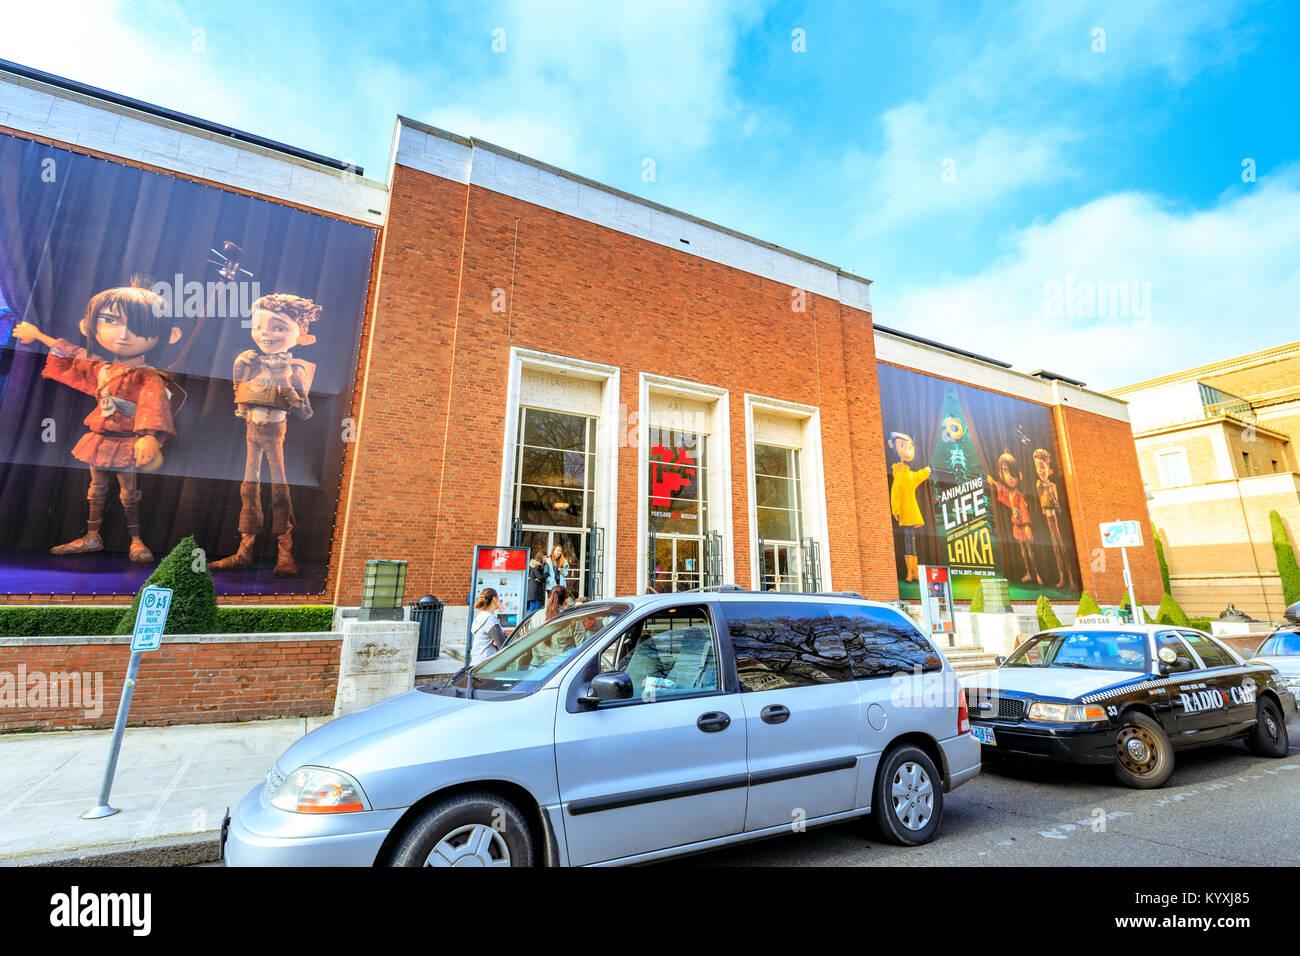 Portland, Oregon, Vereinigte Staaten - Dec 22, 2017: Fassade des Landmark Portland Art Museum. Es ist das älteste Kunstmuseum an der Westküste der Einheit Stockfoto